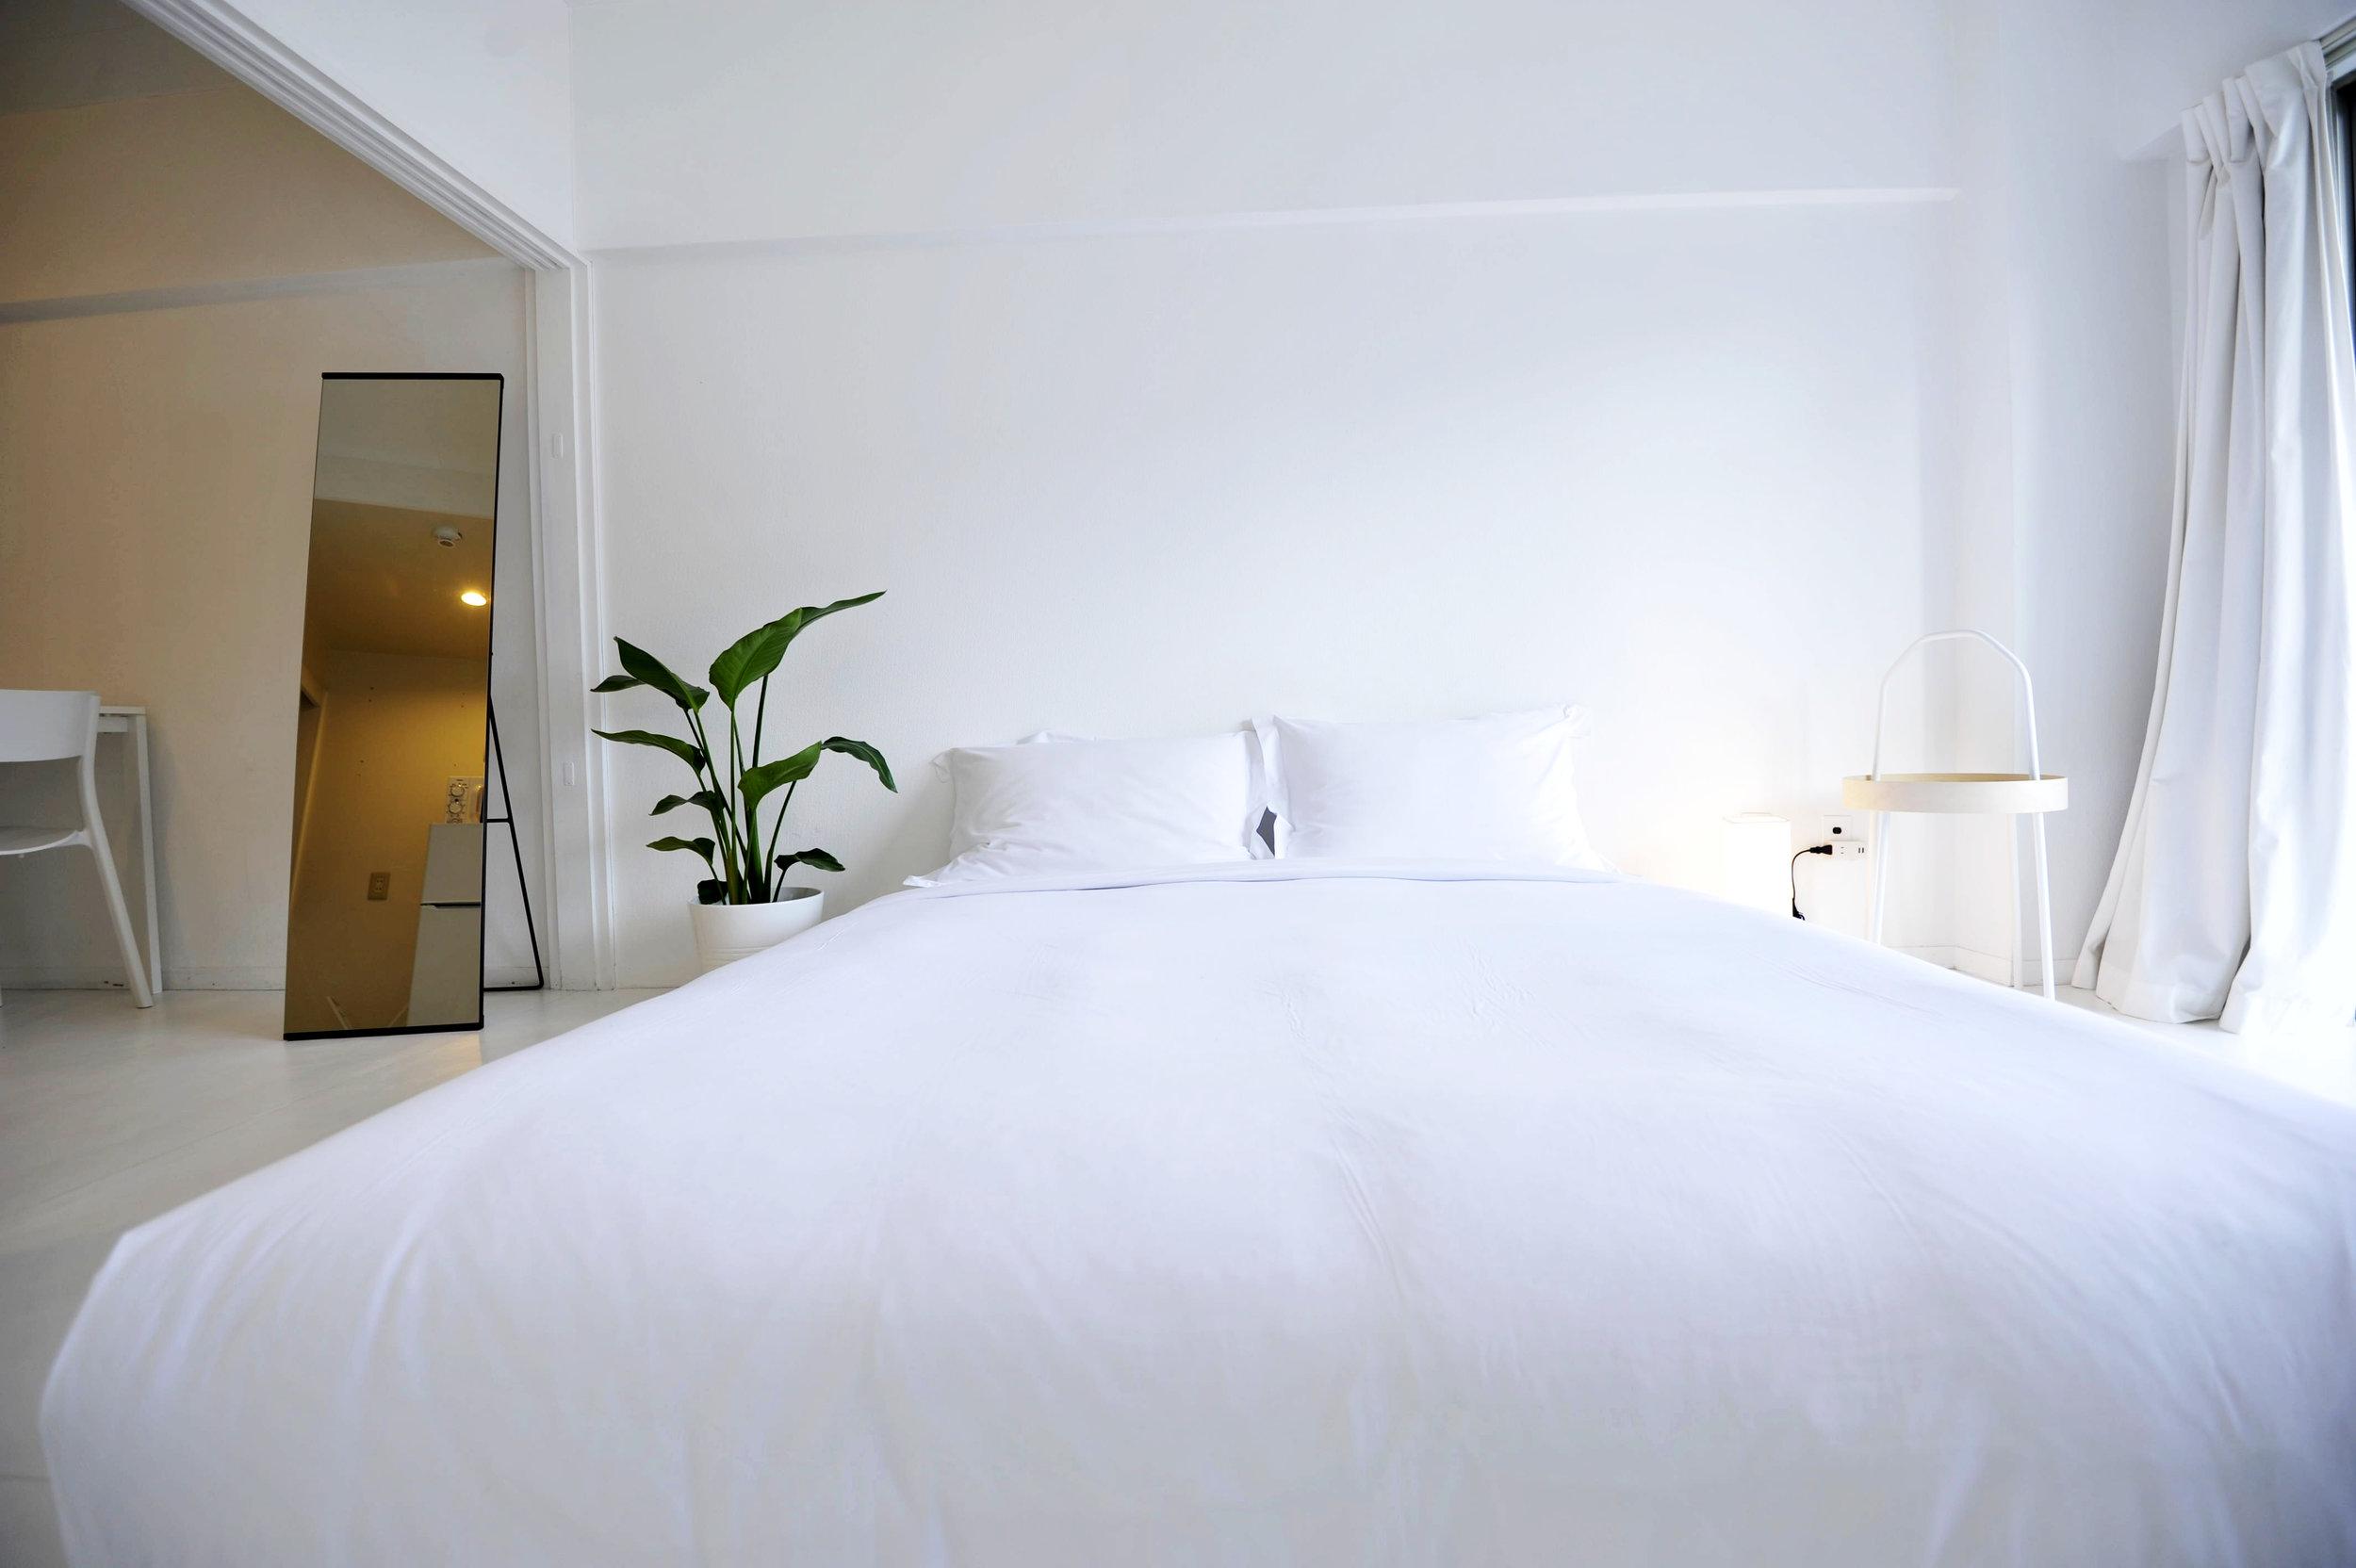 white_bed 2.jpg